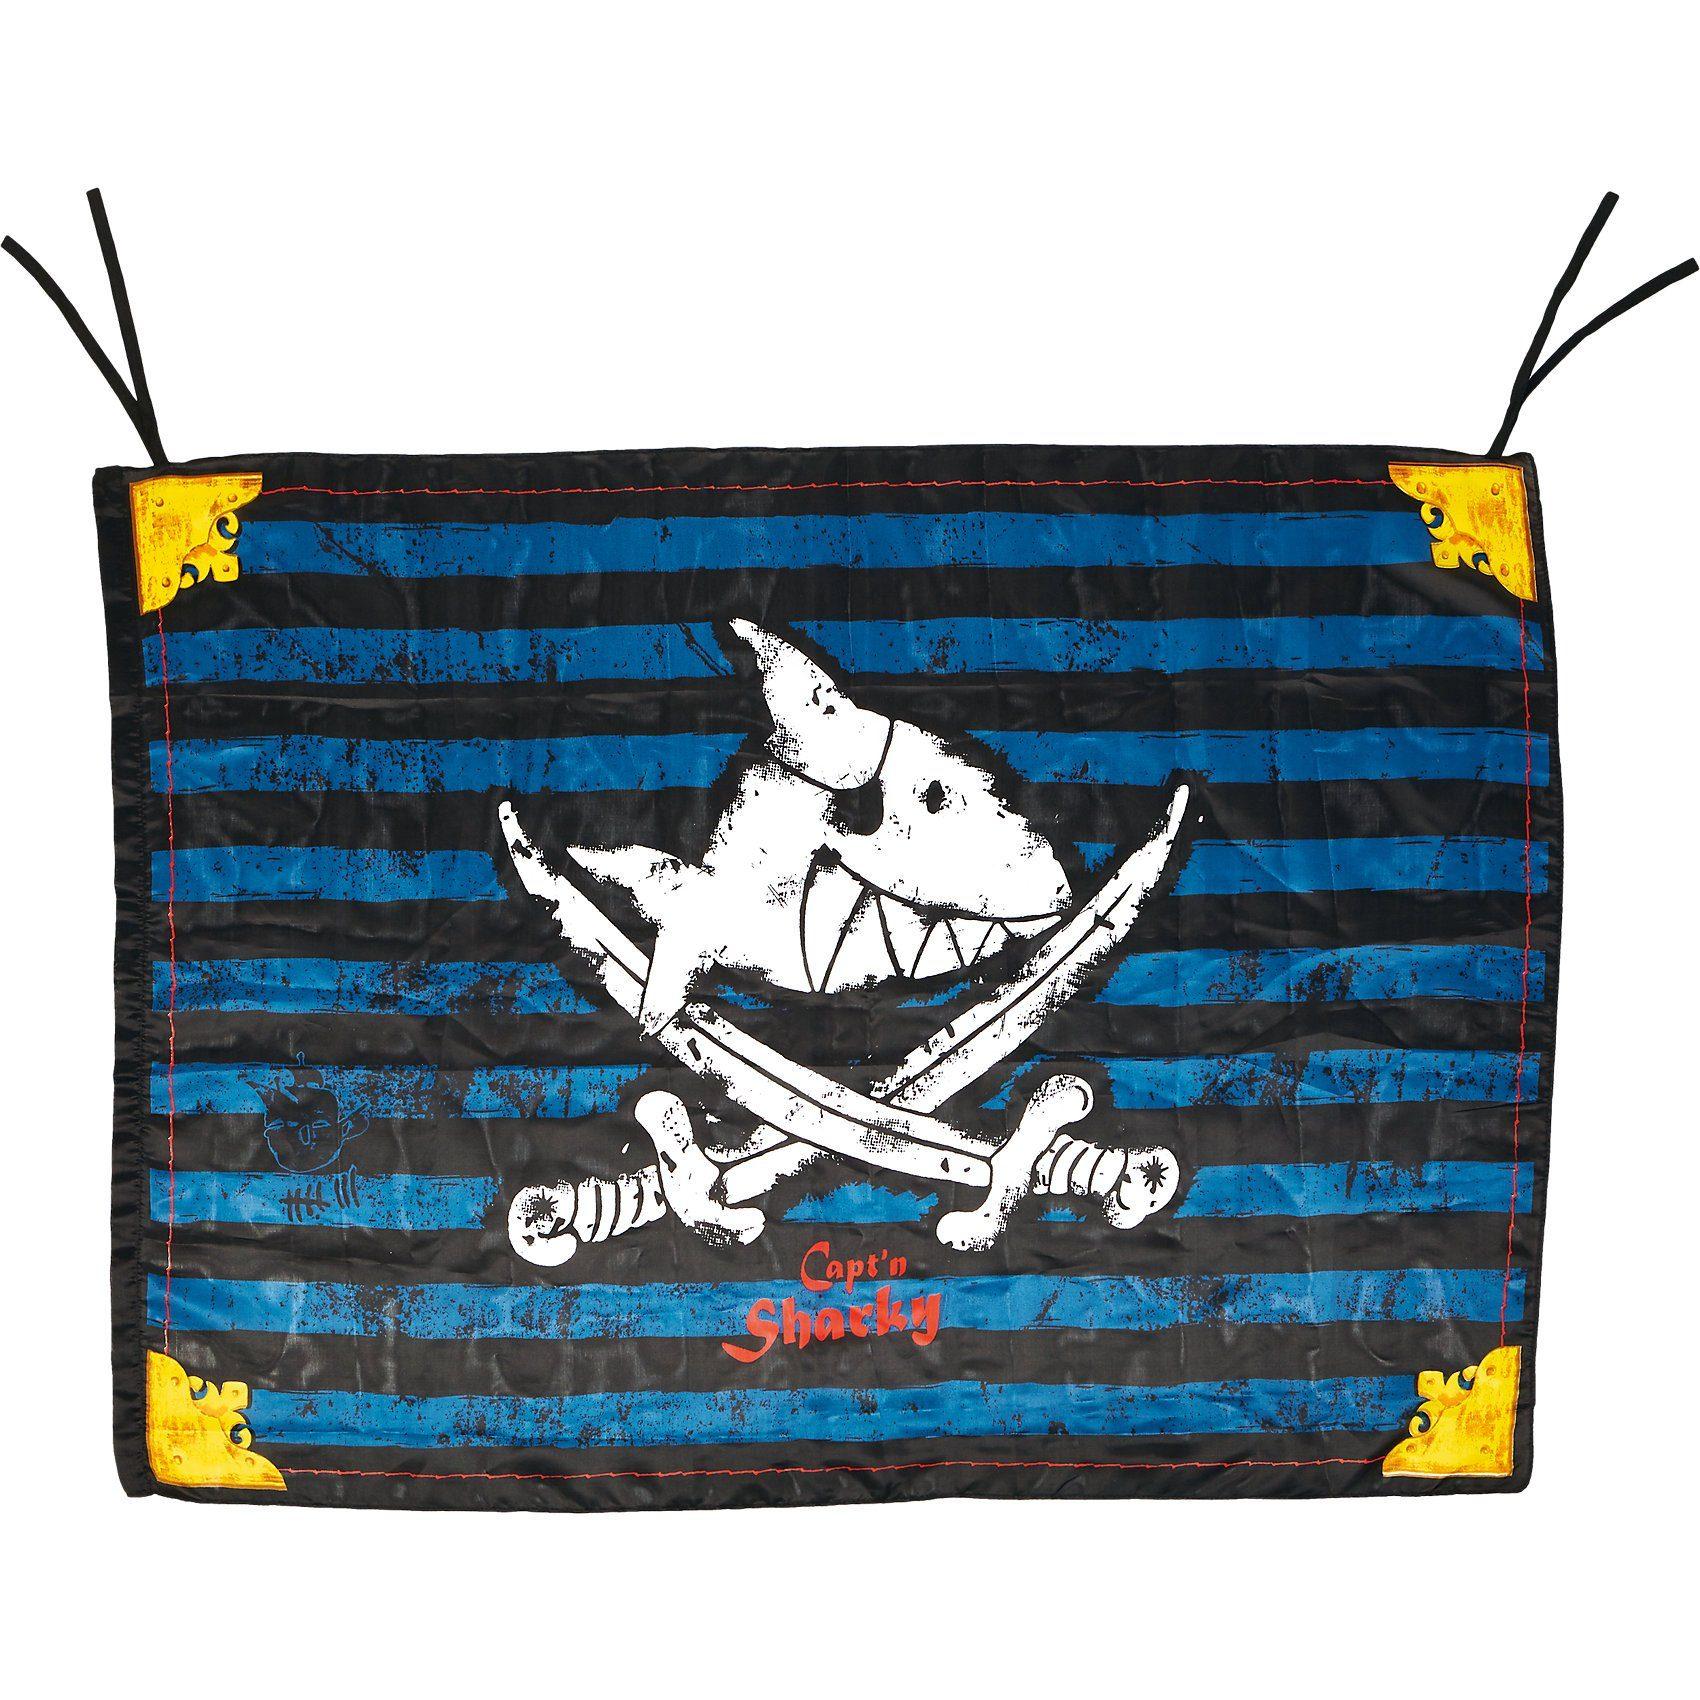 Spiegelburg Piratenflagge Capt'n Sharky (100 x 70 cm)